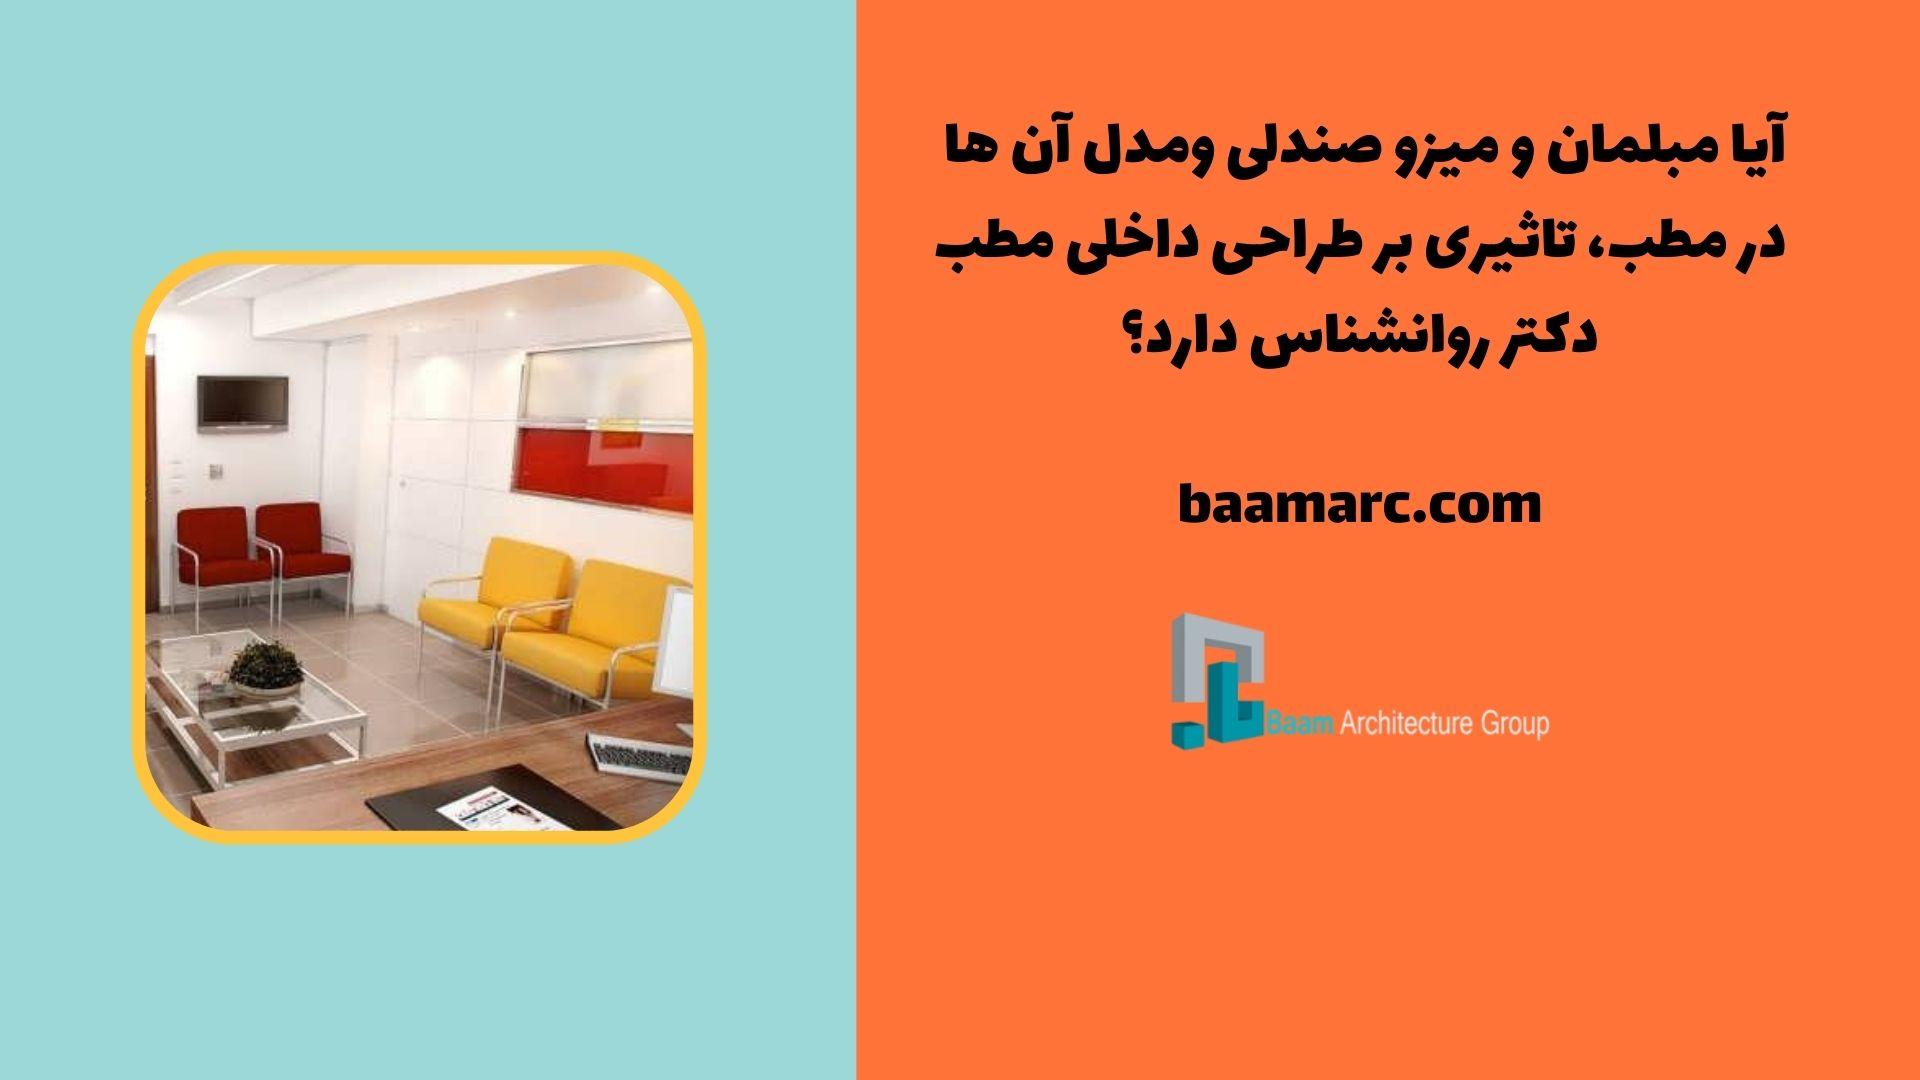 آیا مبلمان و میزو صندلی ومدل آن ها در مطب، تاثیری بر طراحی داخلی مطب دتر روانشناس دارد؟